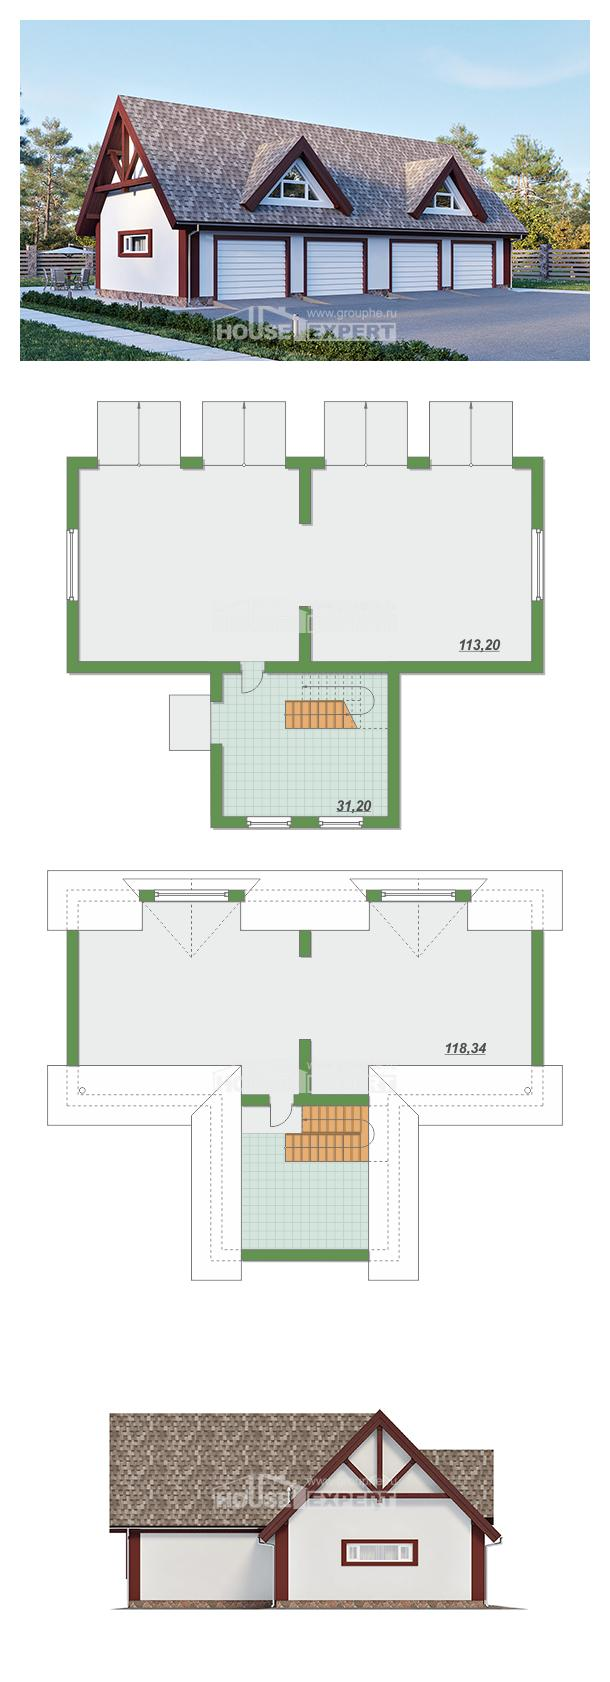 房子的设计 145-002-L | House Expert